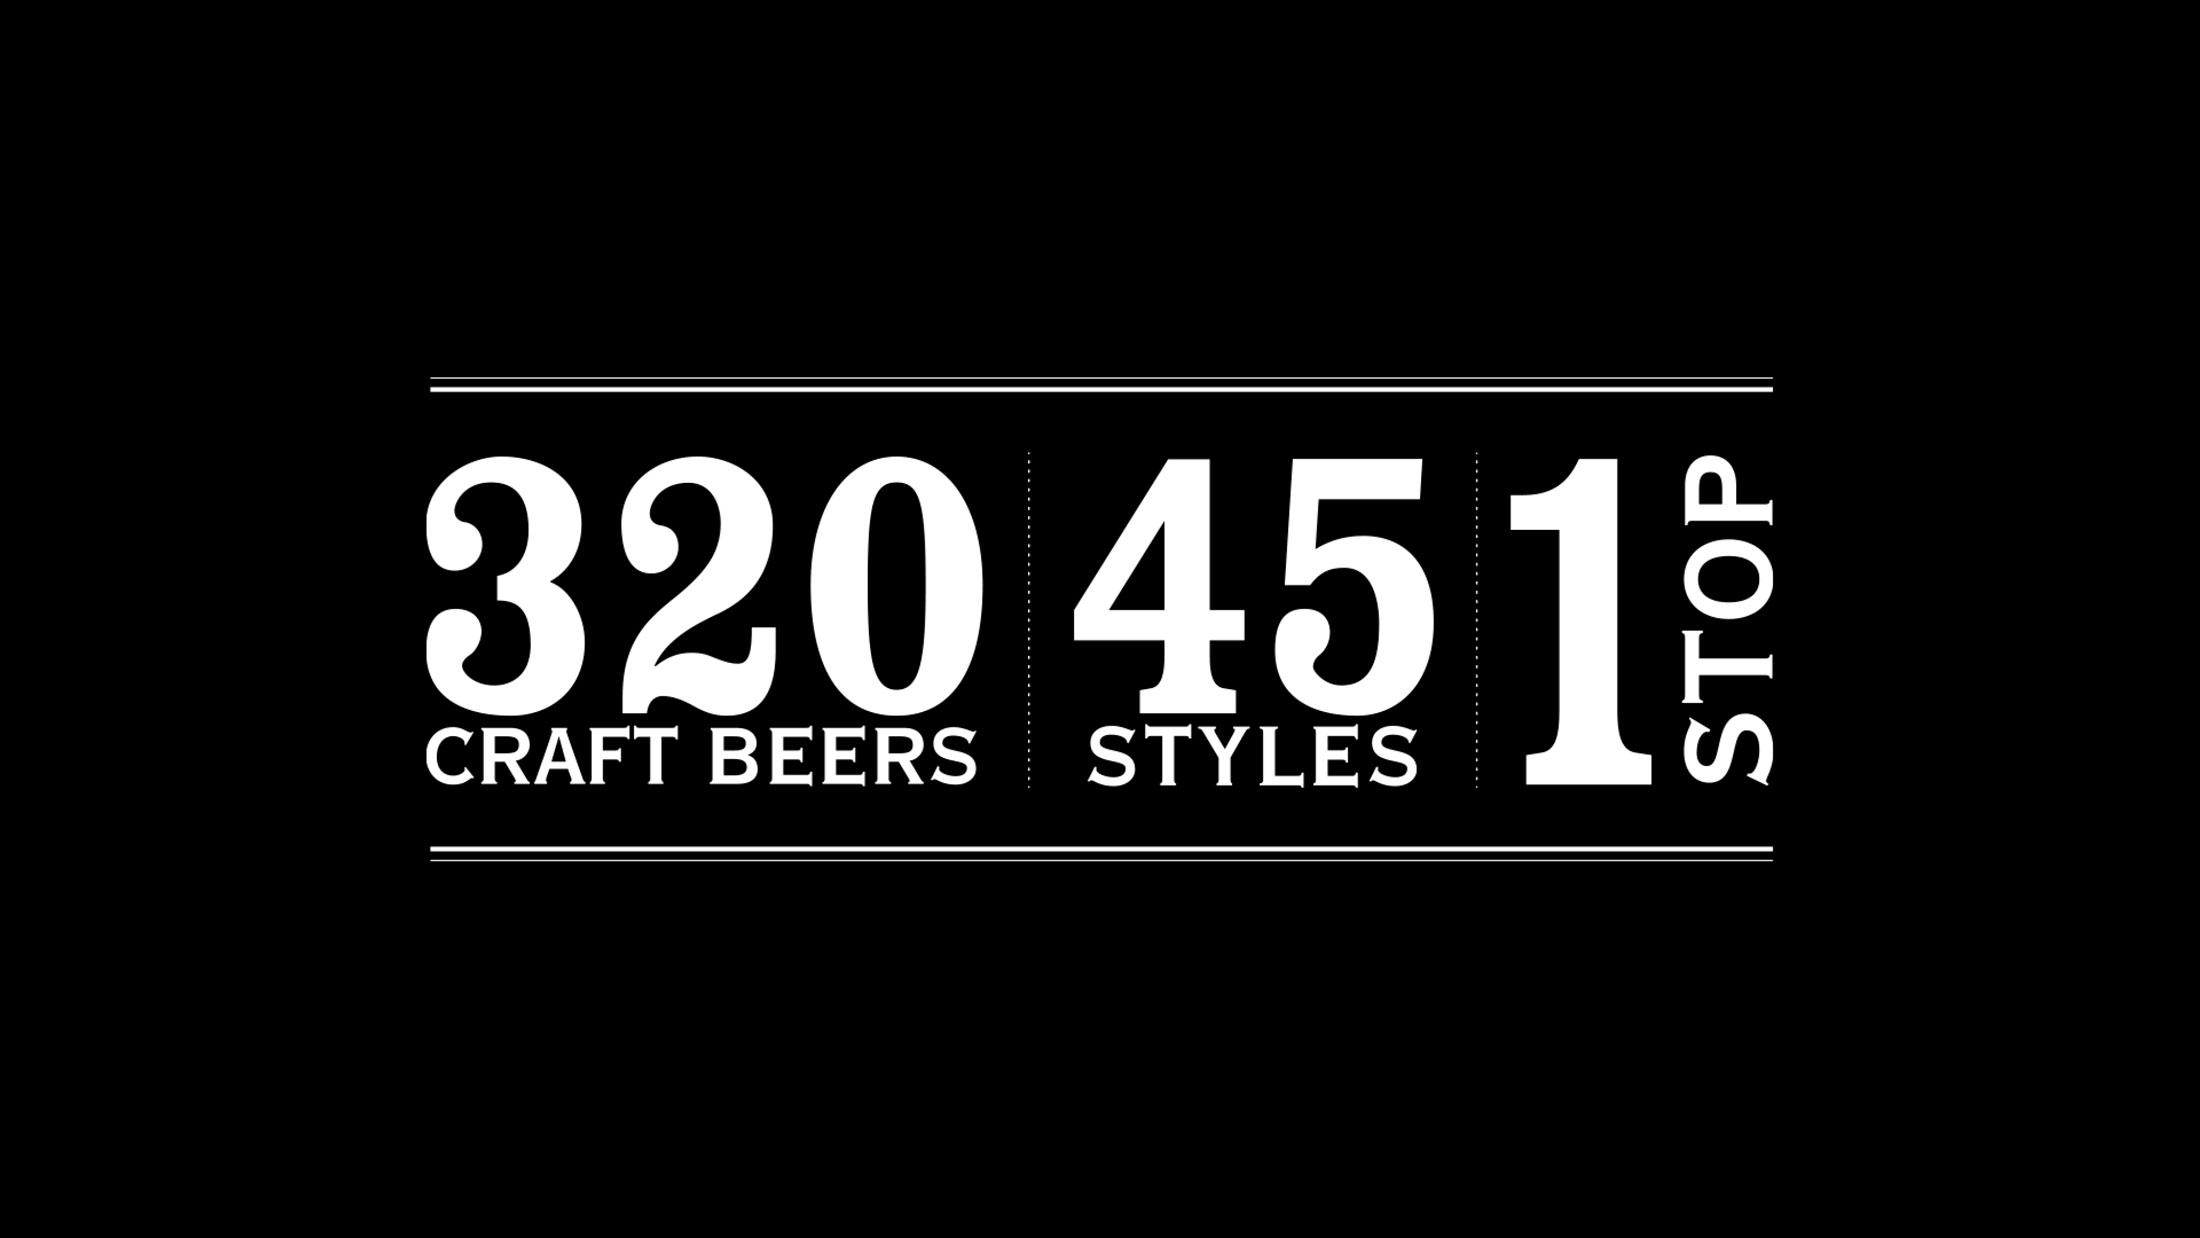 lcbo-beer-cold-room-stats-infographic-sputnik-design-partners-toronto.jpg